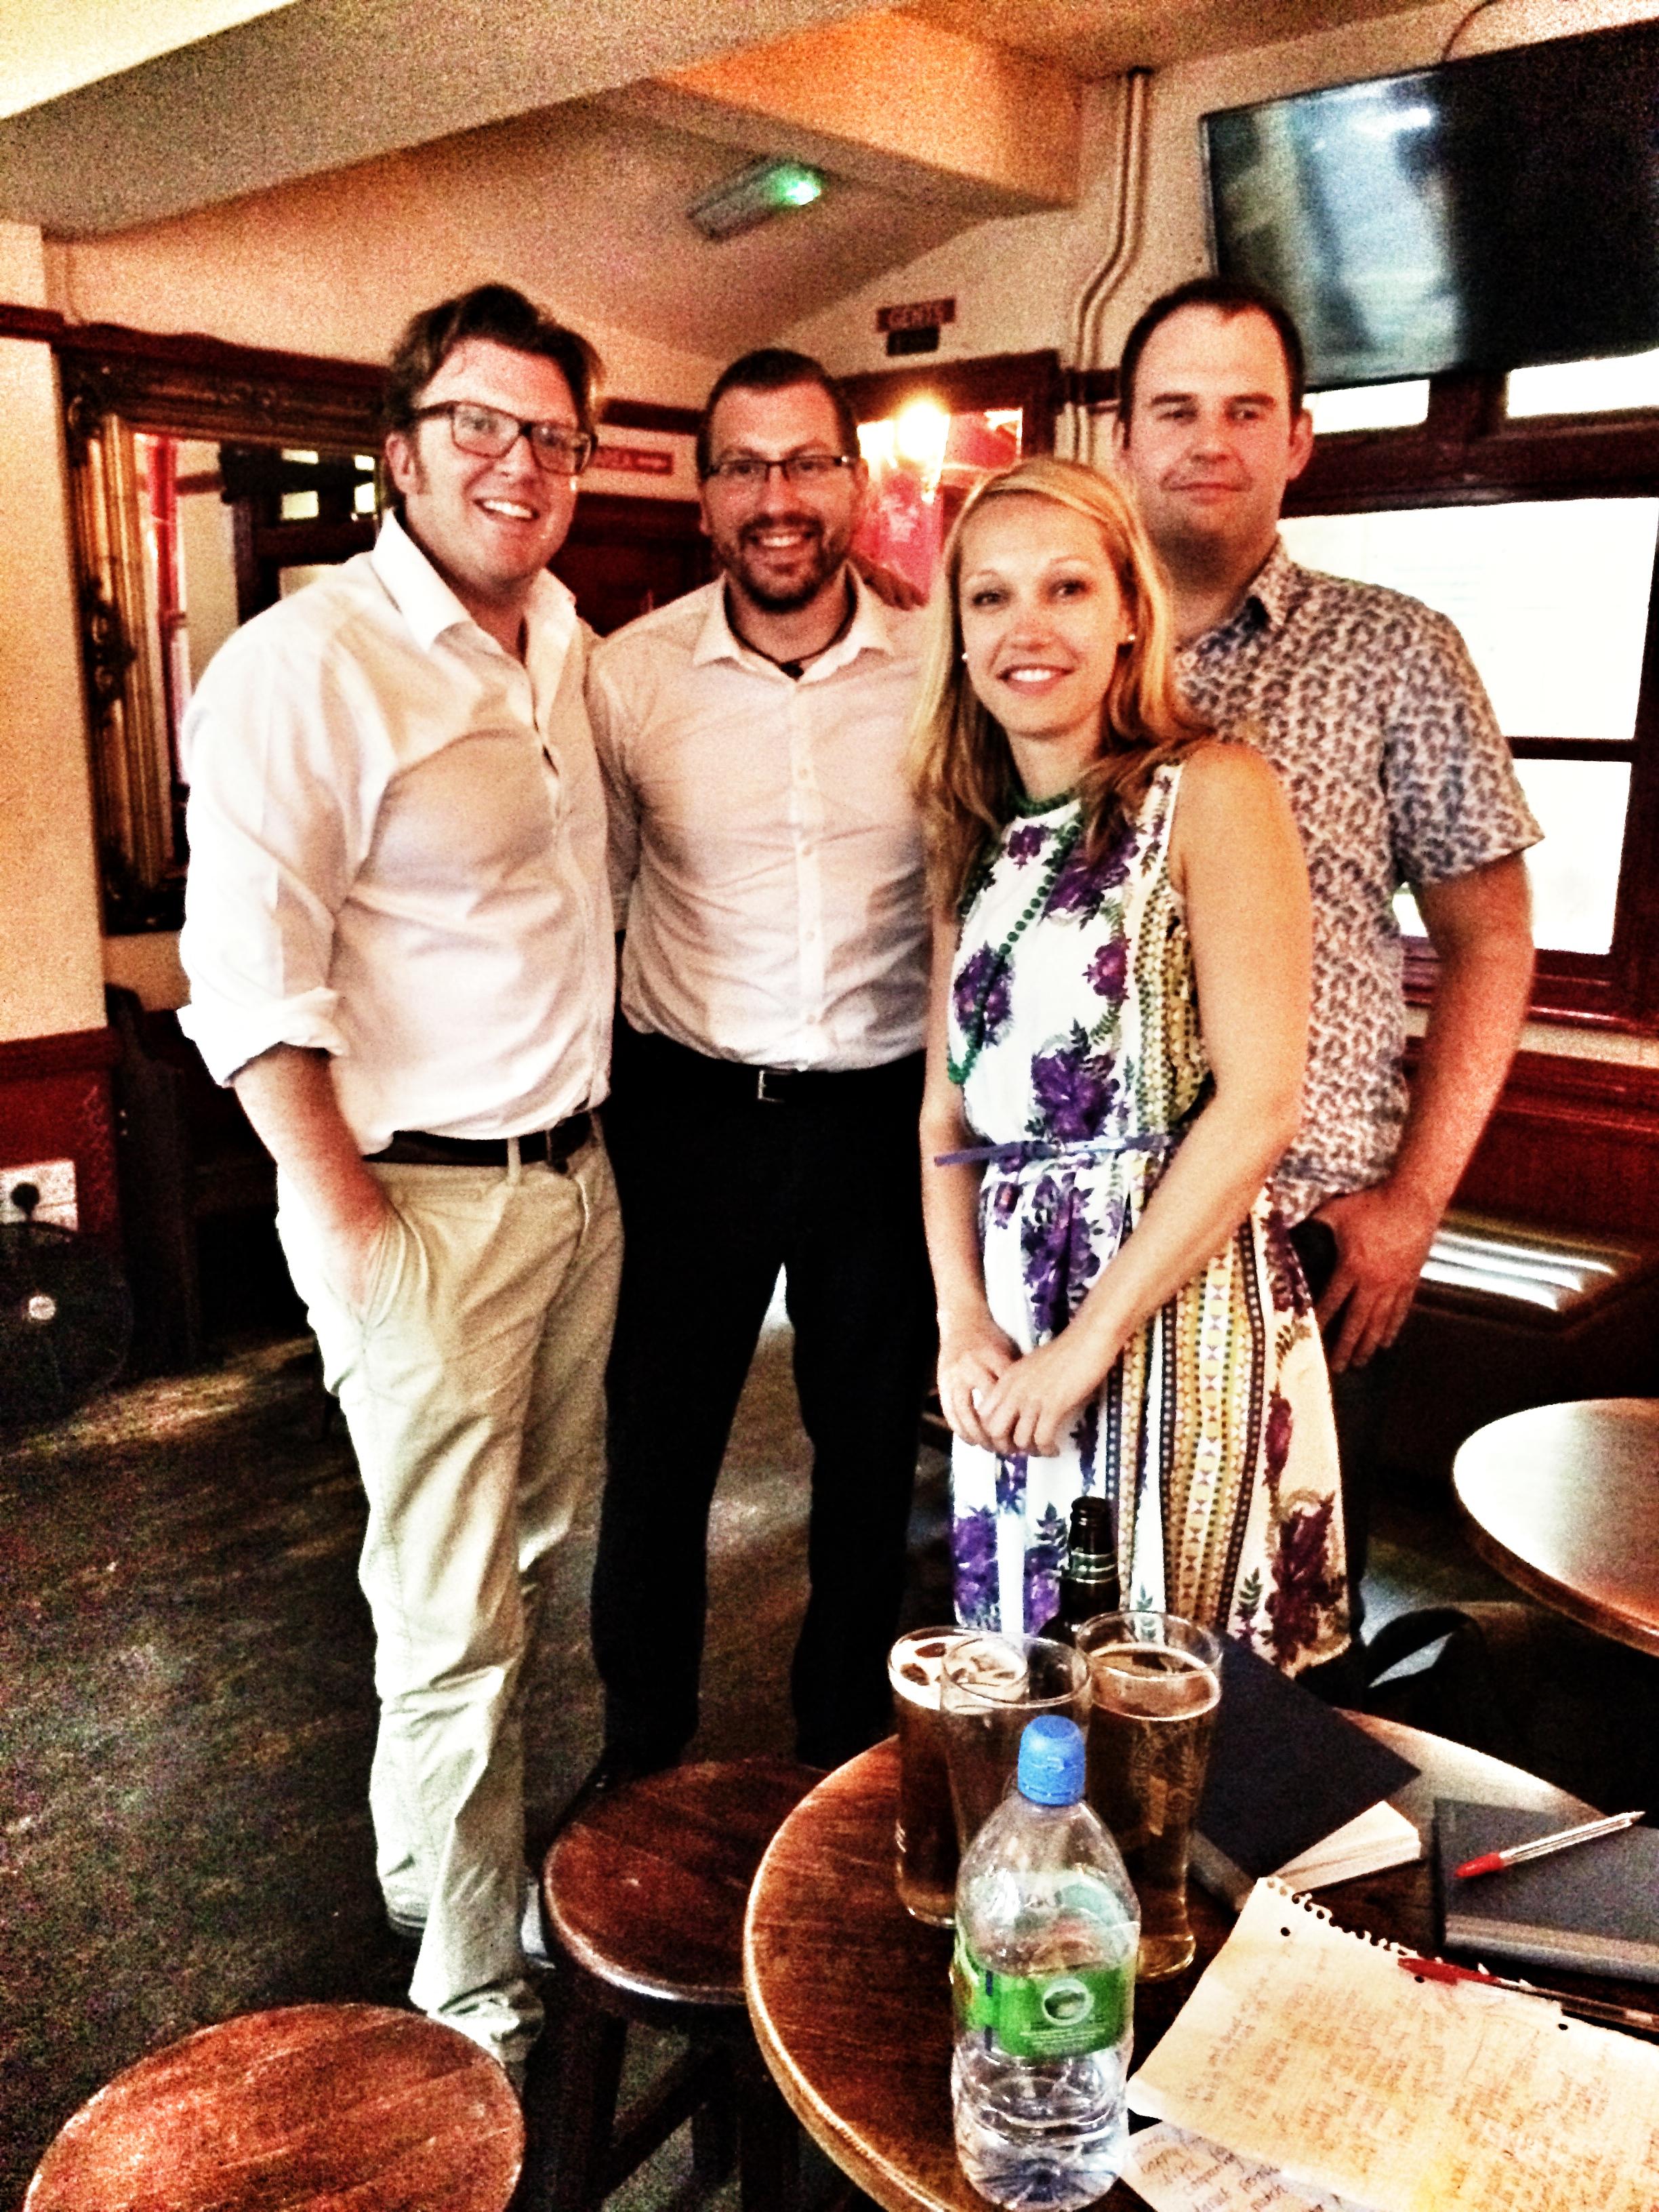 From left to right: Matt Shearer, Michael Satterthwaite, Melanie Moeller, Paul Eccles